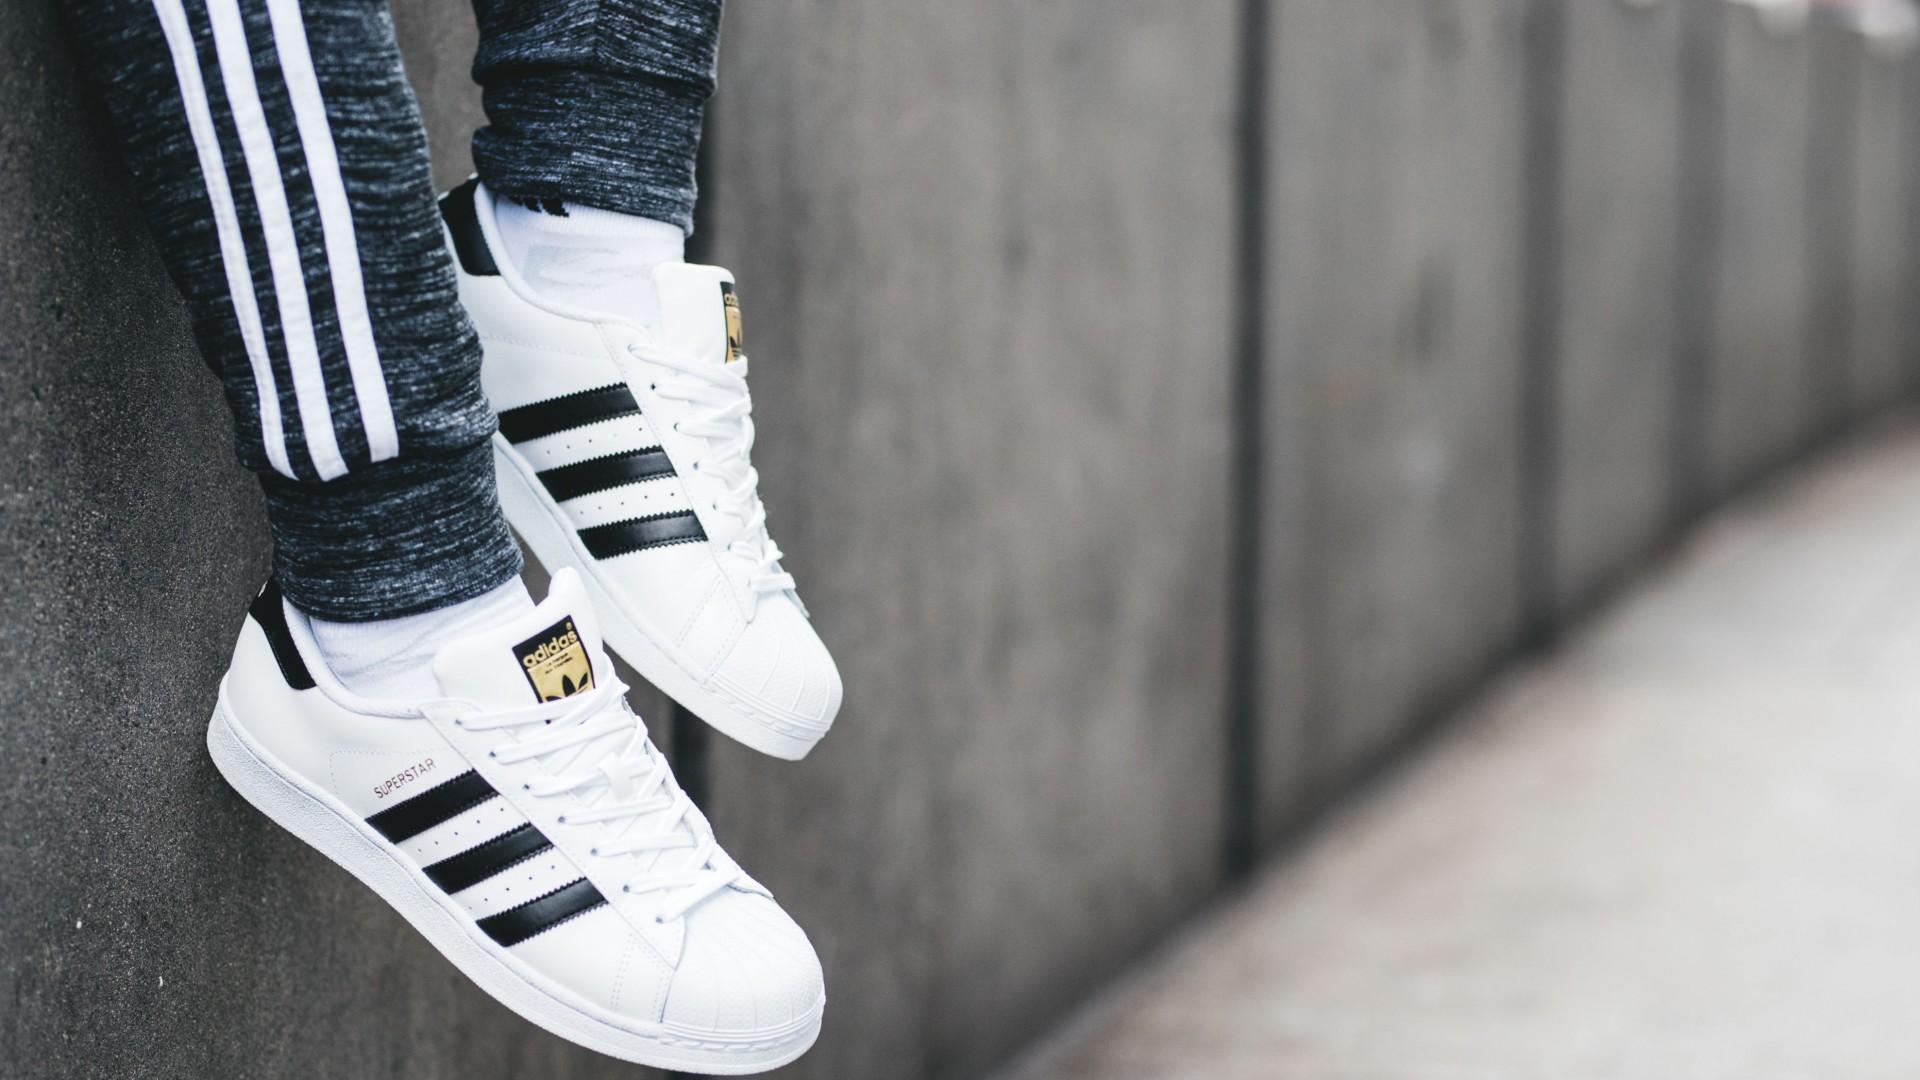 73ea7db8f274 Кроссовки Adidas: как отличить оригинал от подделки - OSKELLY